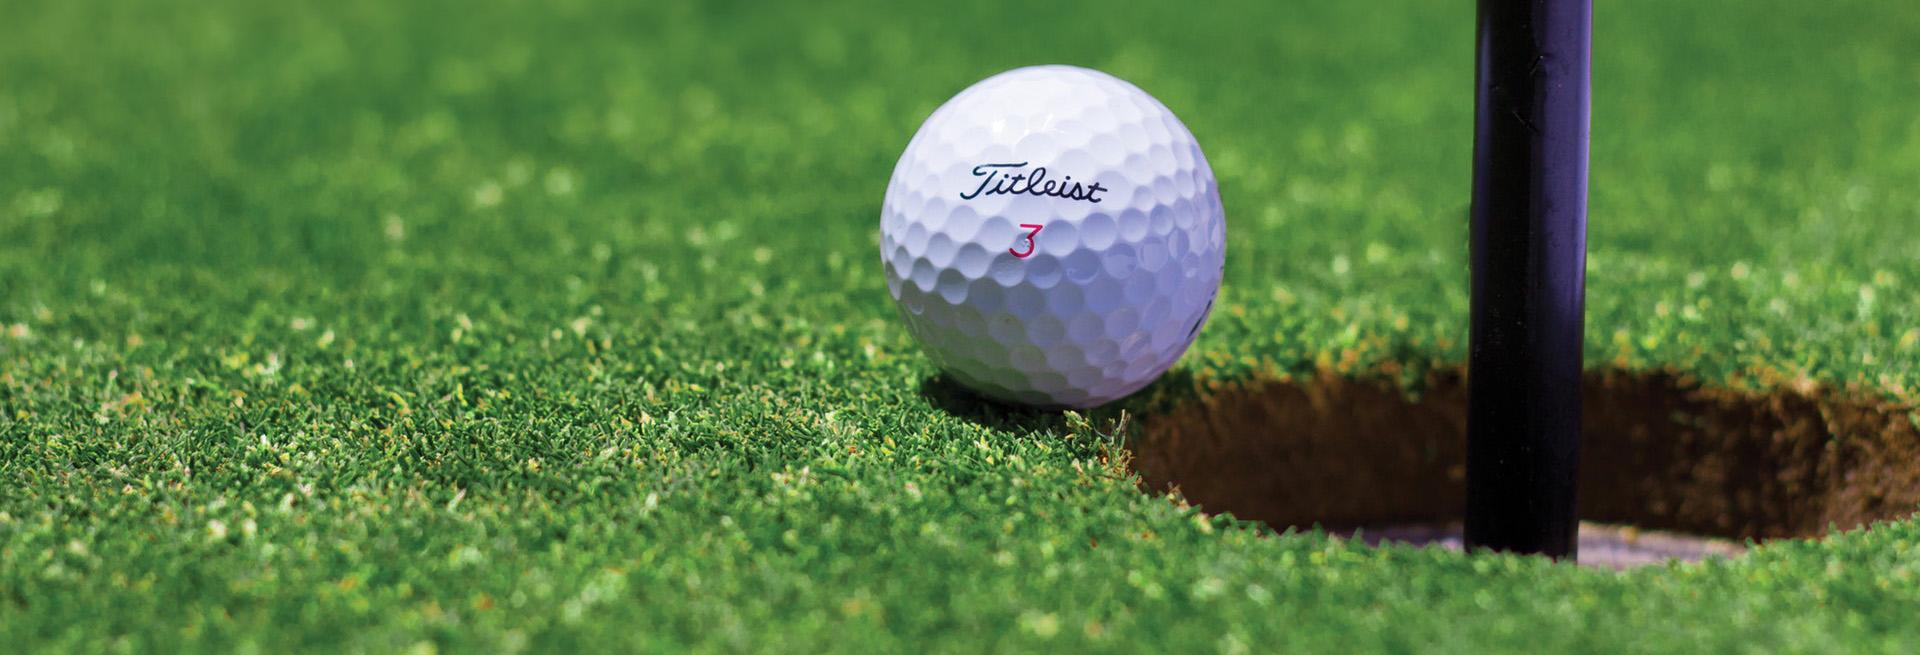 Yaupon Golf Course - Lakeway, TX